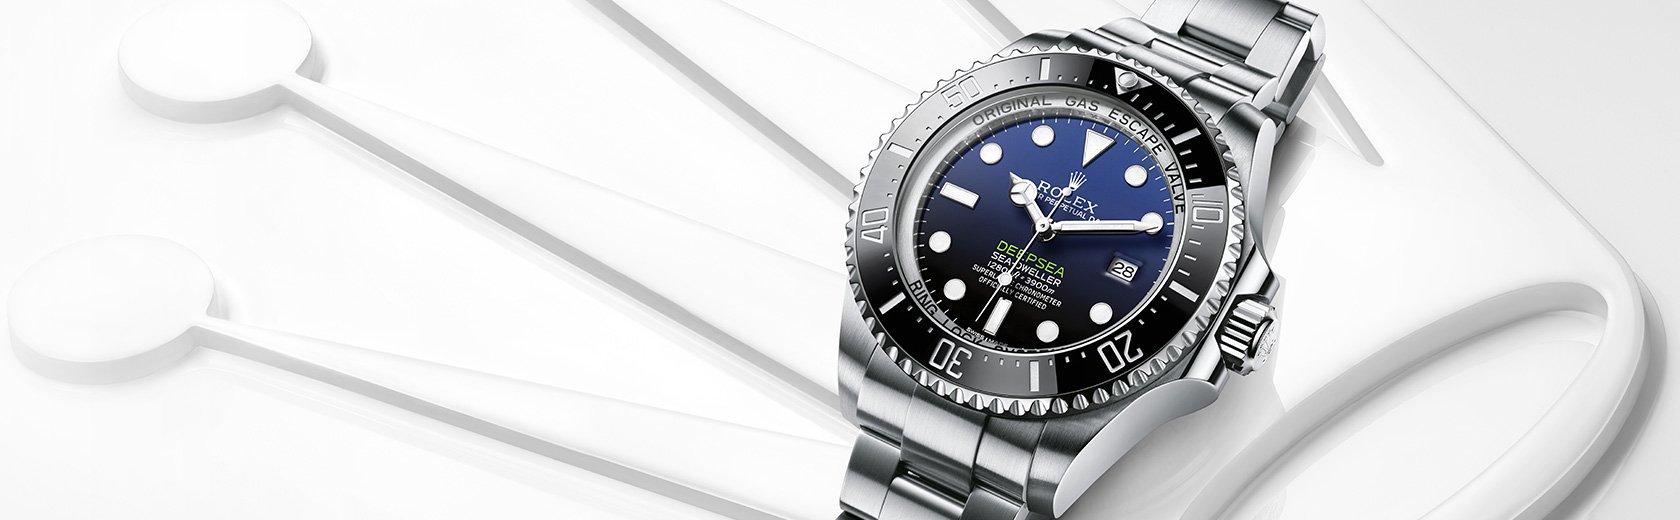 rolex_deepsea_outdoor_watch.jpg